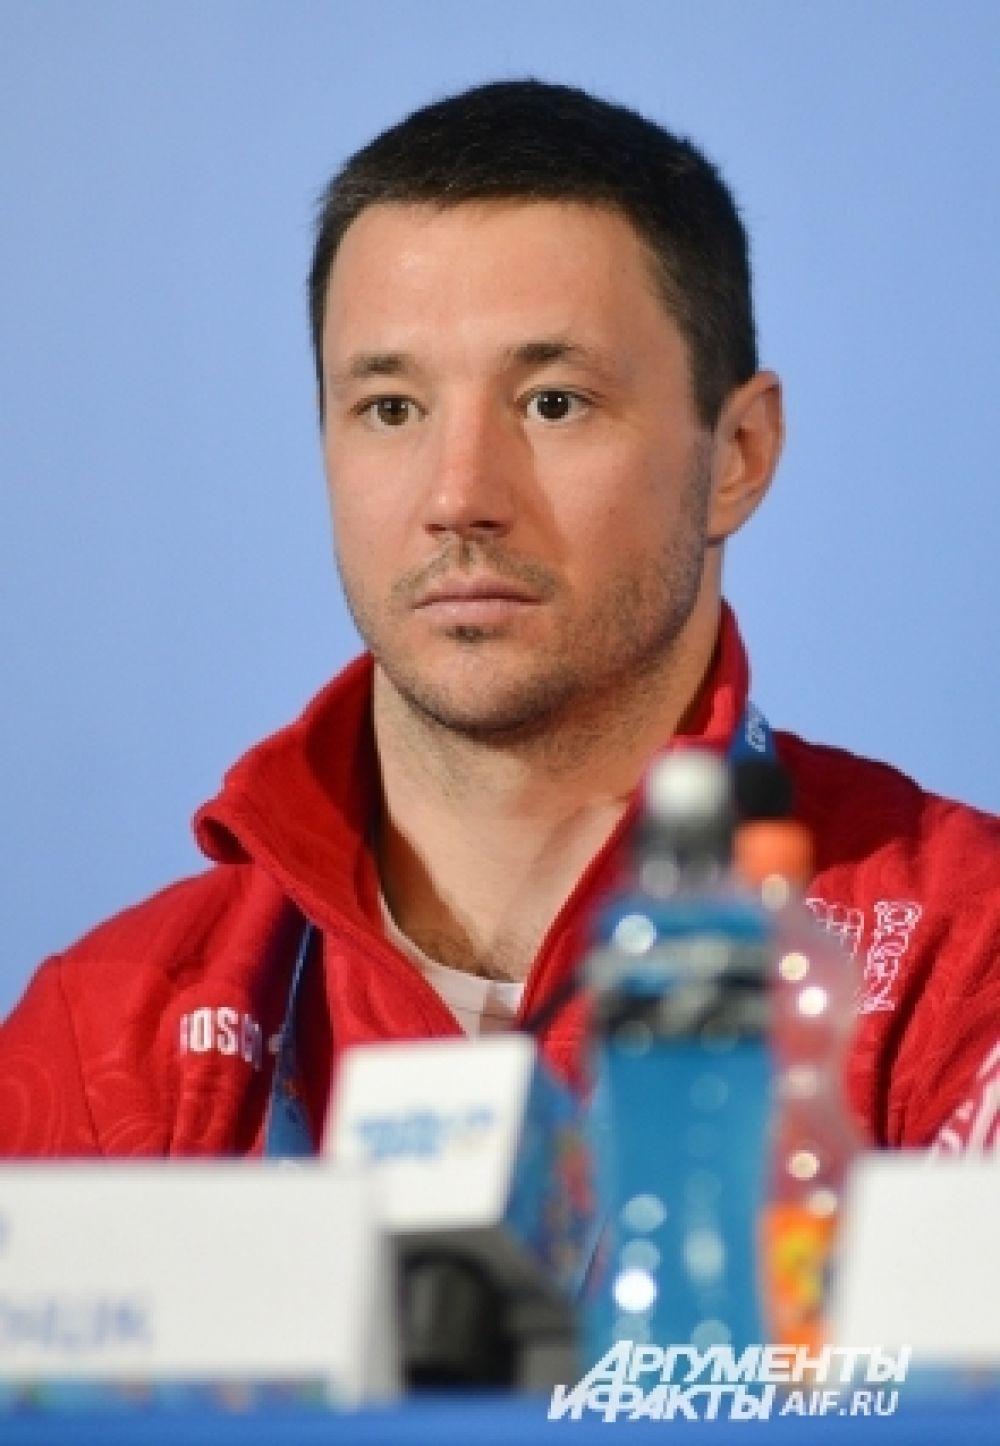 Ковальчук прежде играл в заокеанской лиге НХЛ, но недавно вернулся в Россию, чтобы играть в КХЛ.